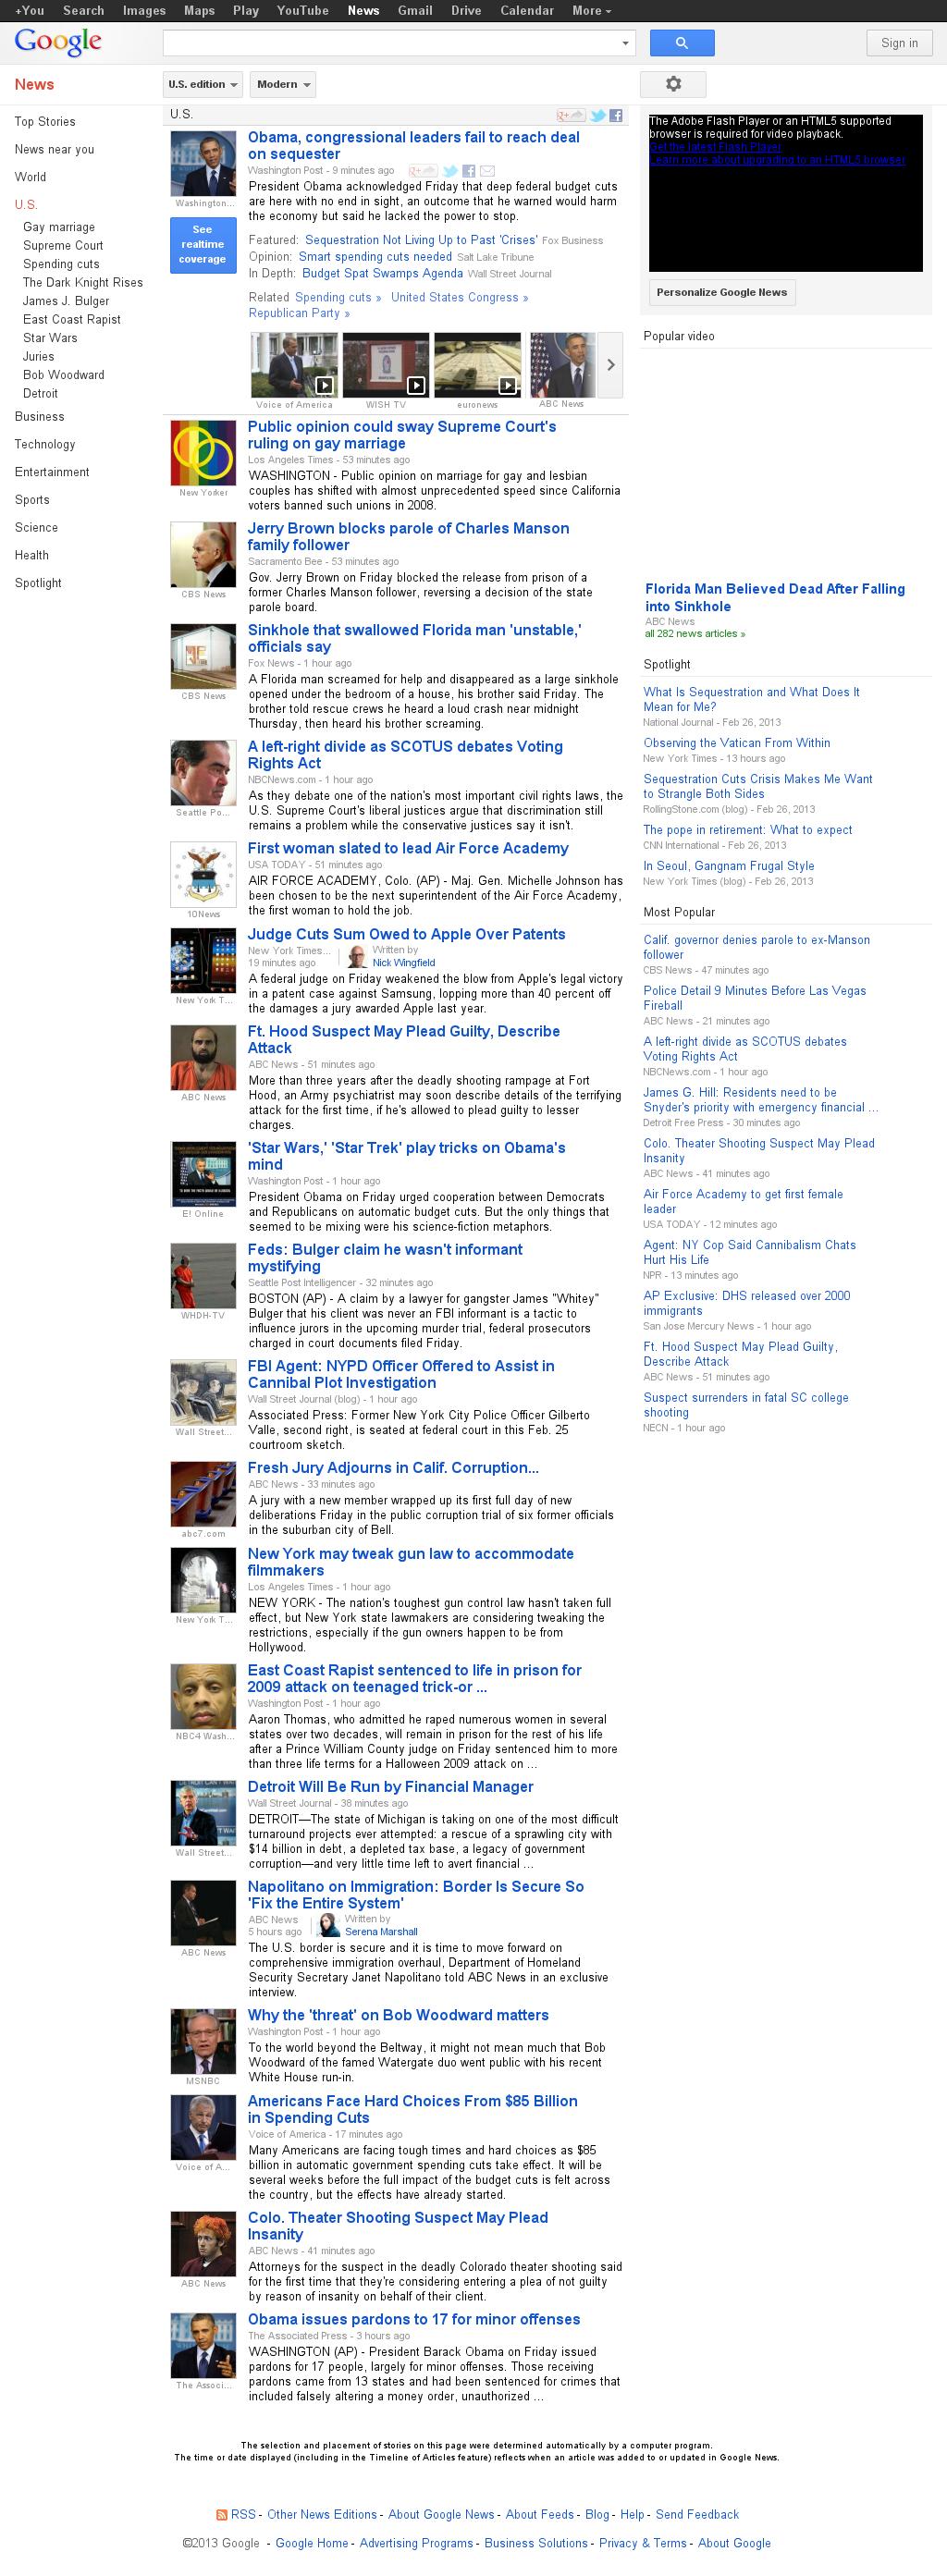 Google News: U.S. at Saturday March 2, 2013, 2:09 a.m. UTC